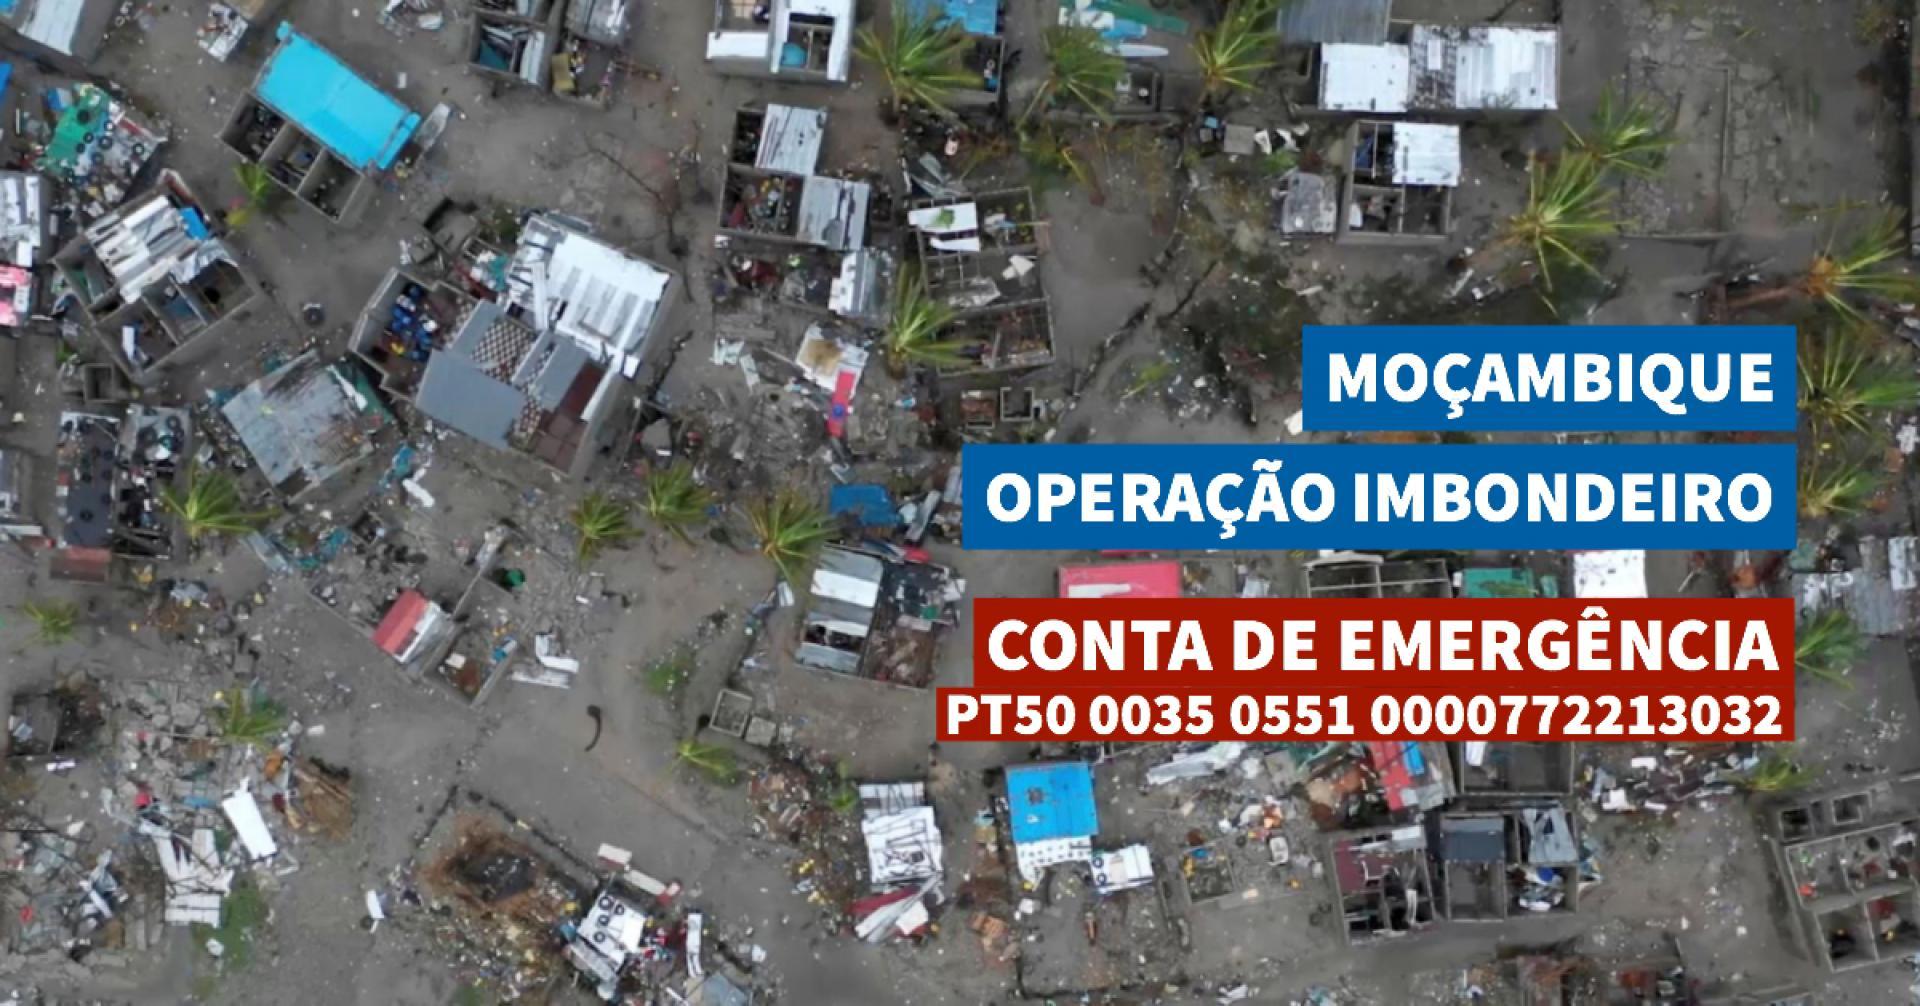 Ajude-nos a ajudar Moçambique